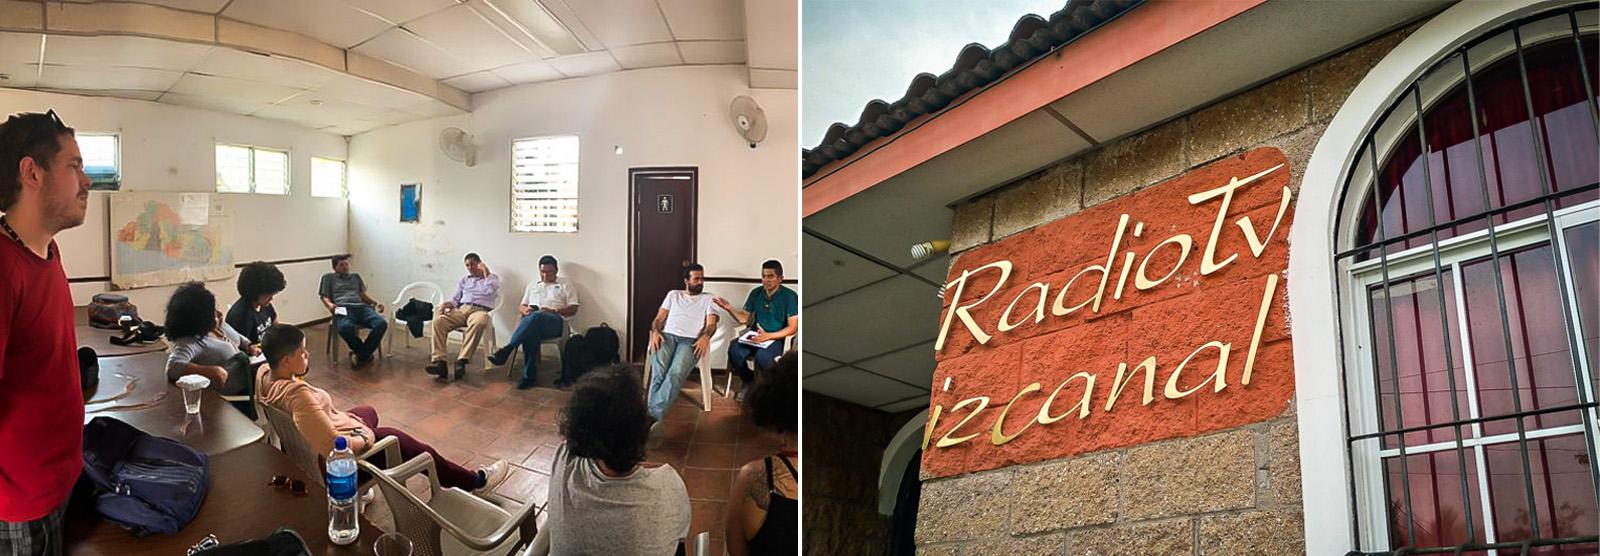 Grupo de jornalistas brasileiros do Intercâmbios Latinos conhece a Rádio e IzCanal, em El Salvador. Foto: Raul Santiago